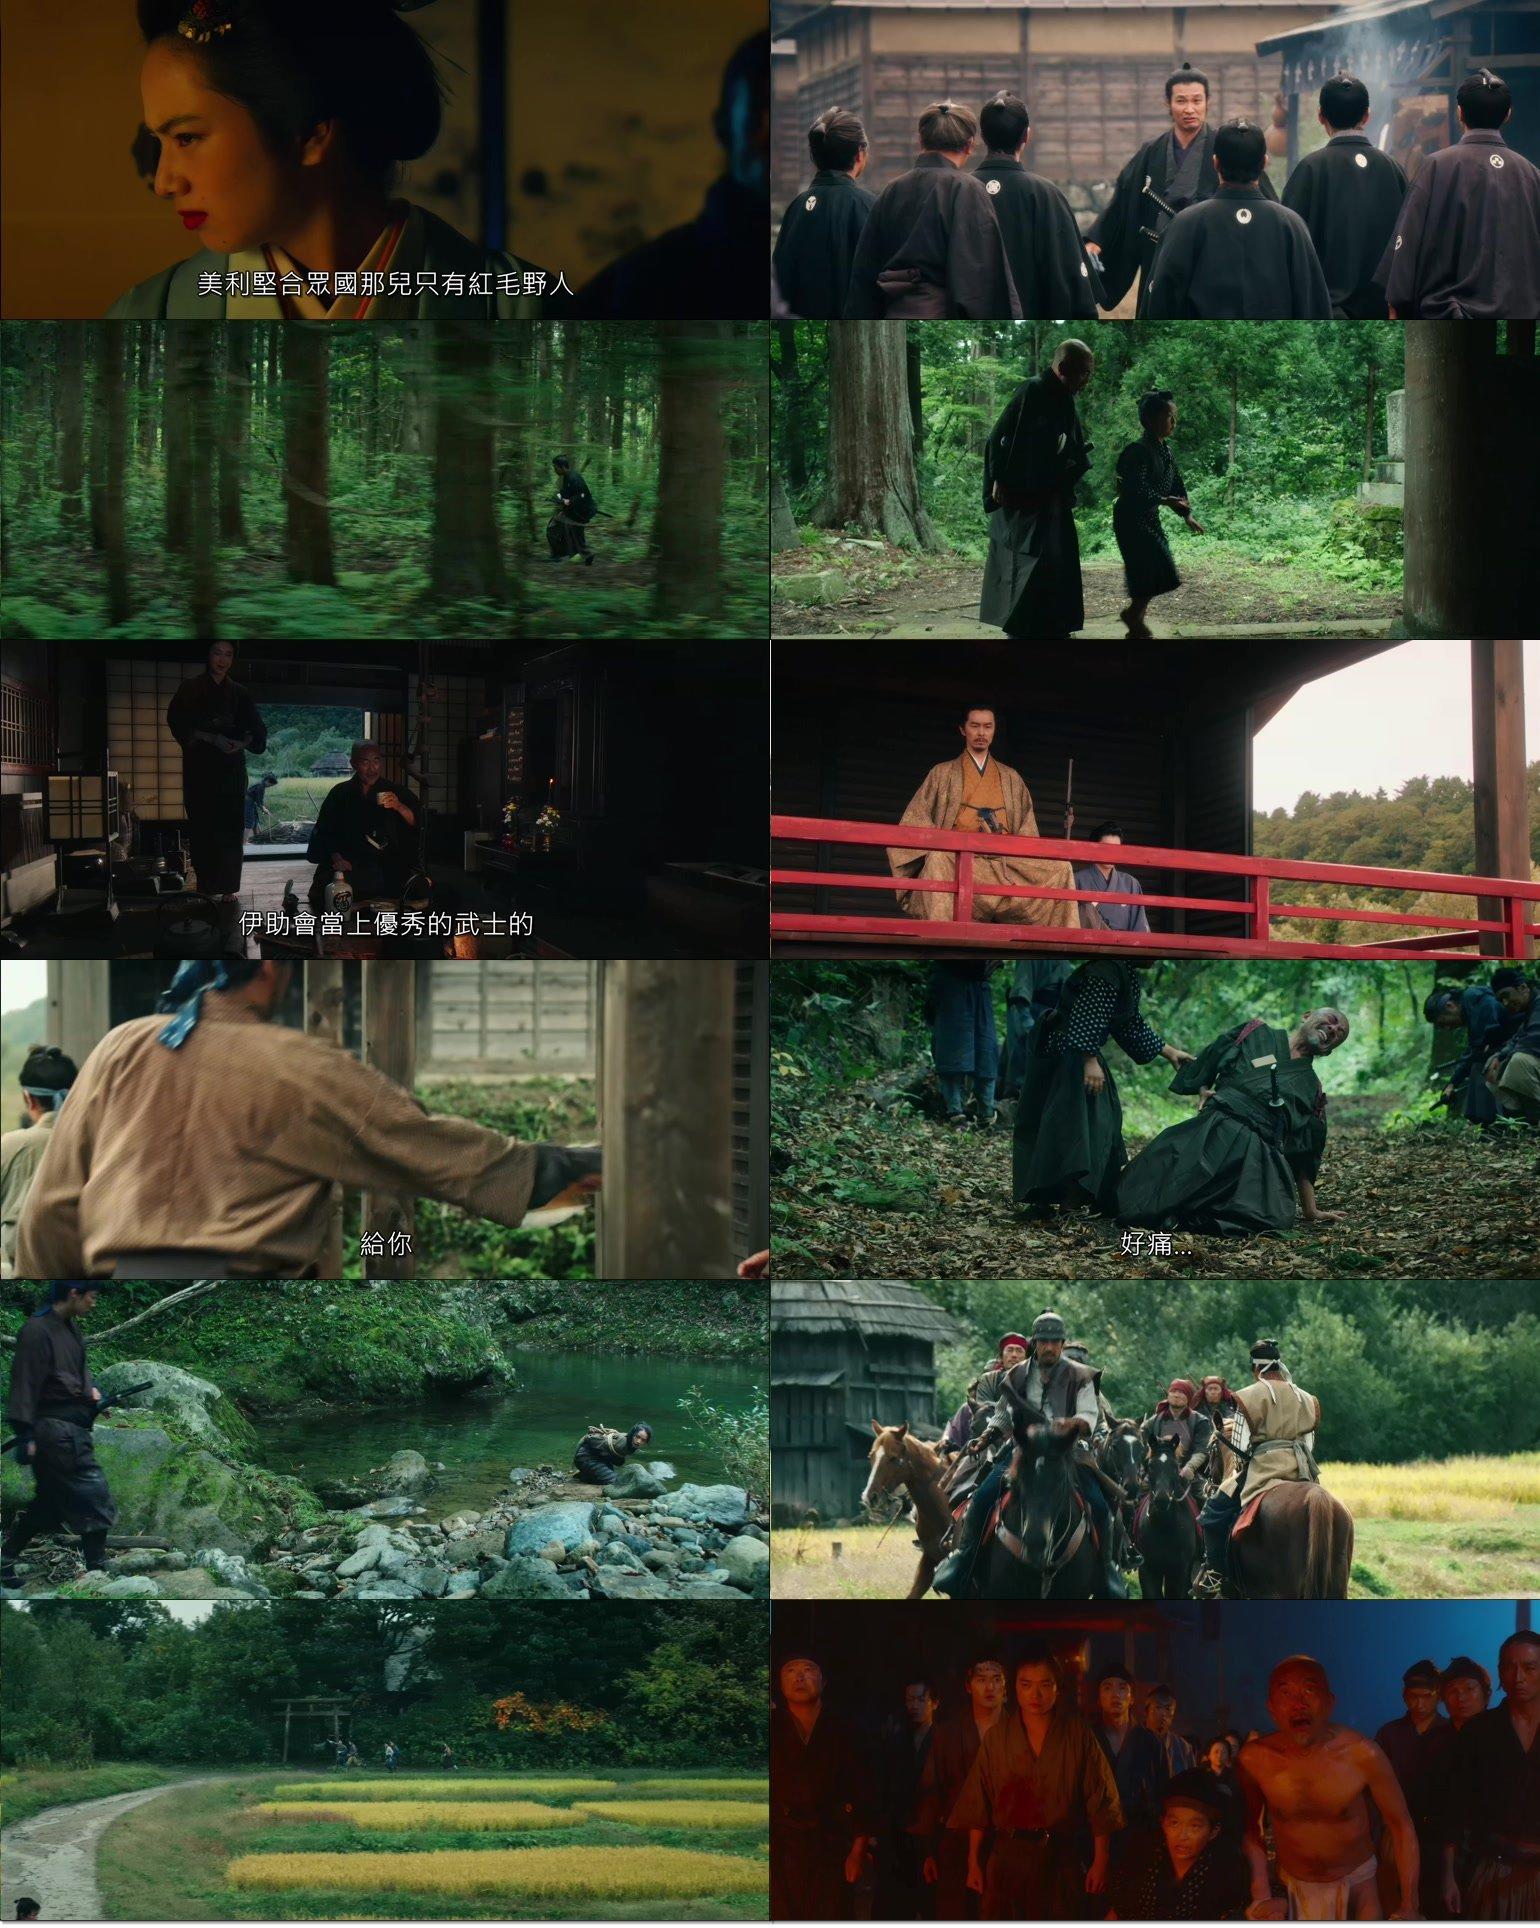 這邊是[日] 武士馬拉松/幕末馬拉松.2019.BluRay-720p[MKV@4G@繁簡]圖片的自定義alt信息;551792,735625,haokuku,30